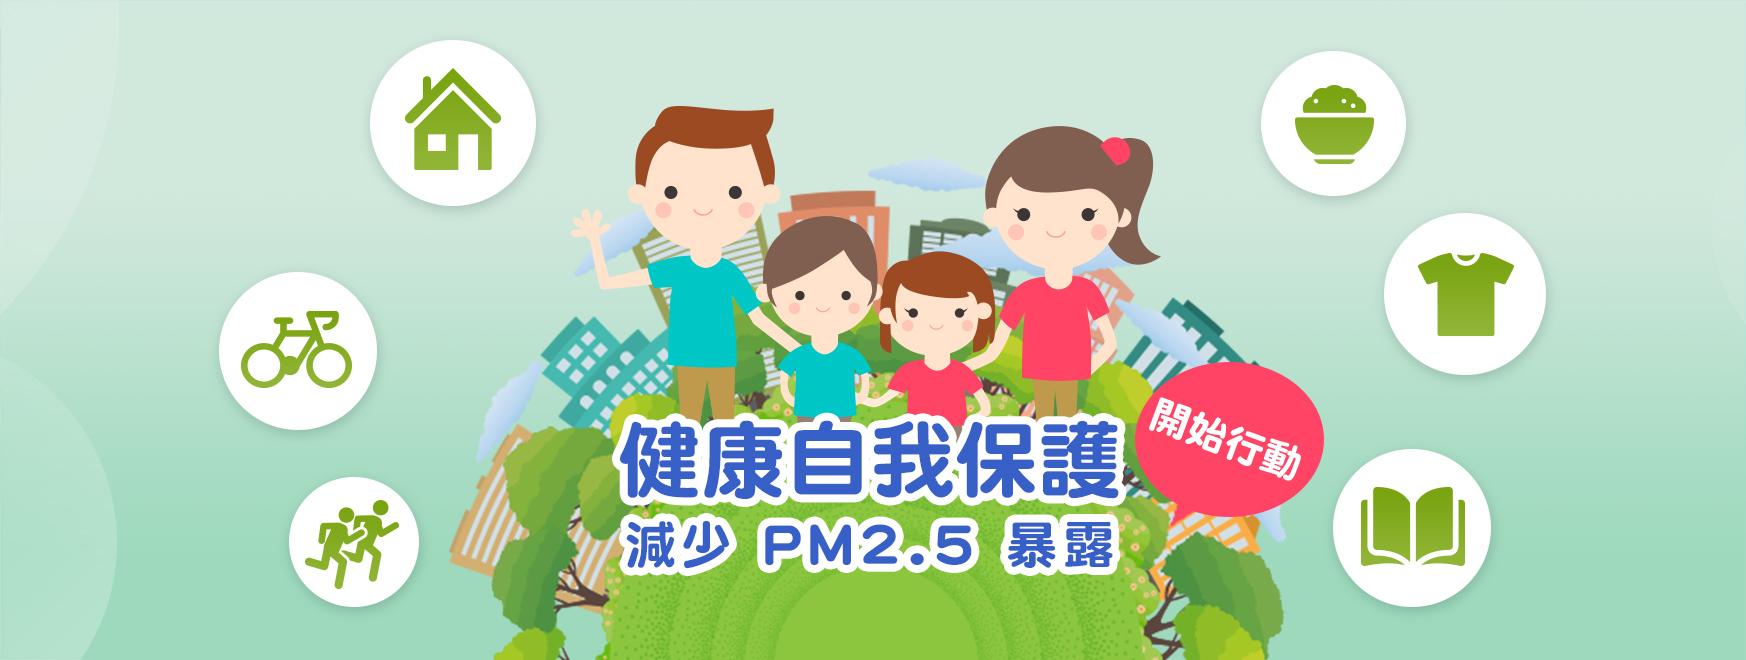 細懸浮微粒(PM2.5)大輪播